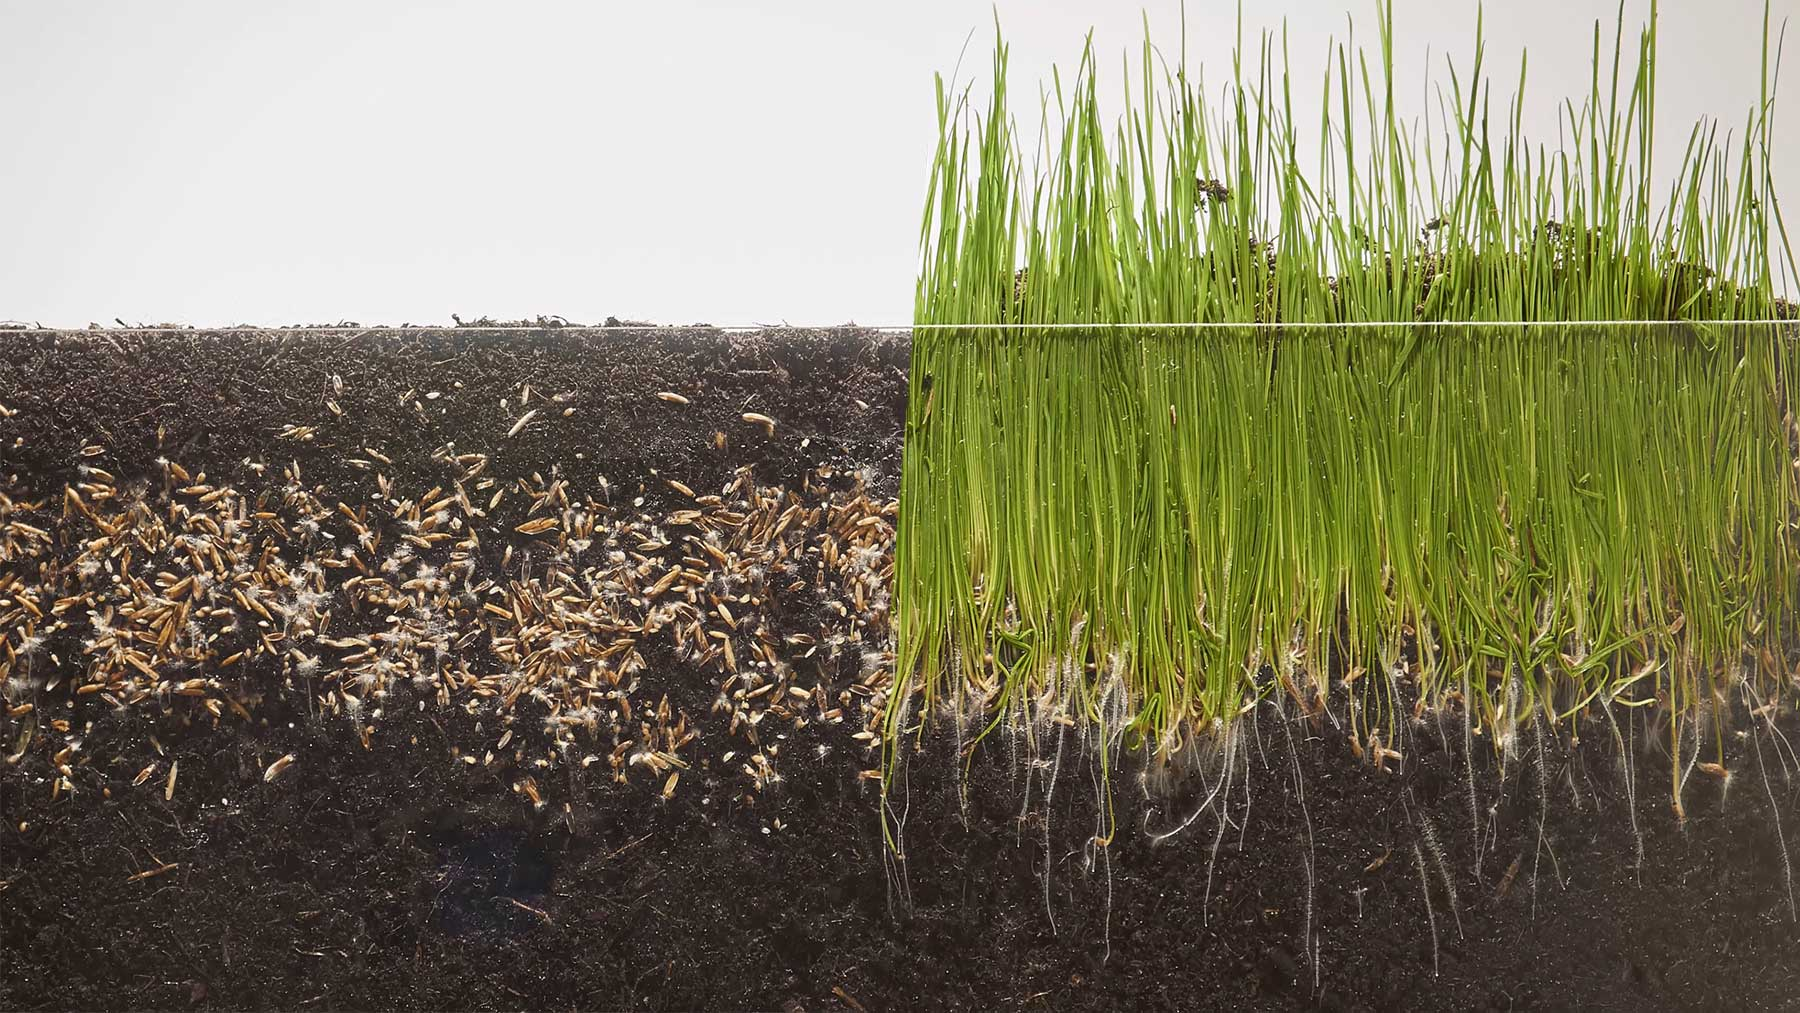 Gras beim Wachsen zuschauen gras-beim-wachsen-zusehen